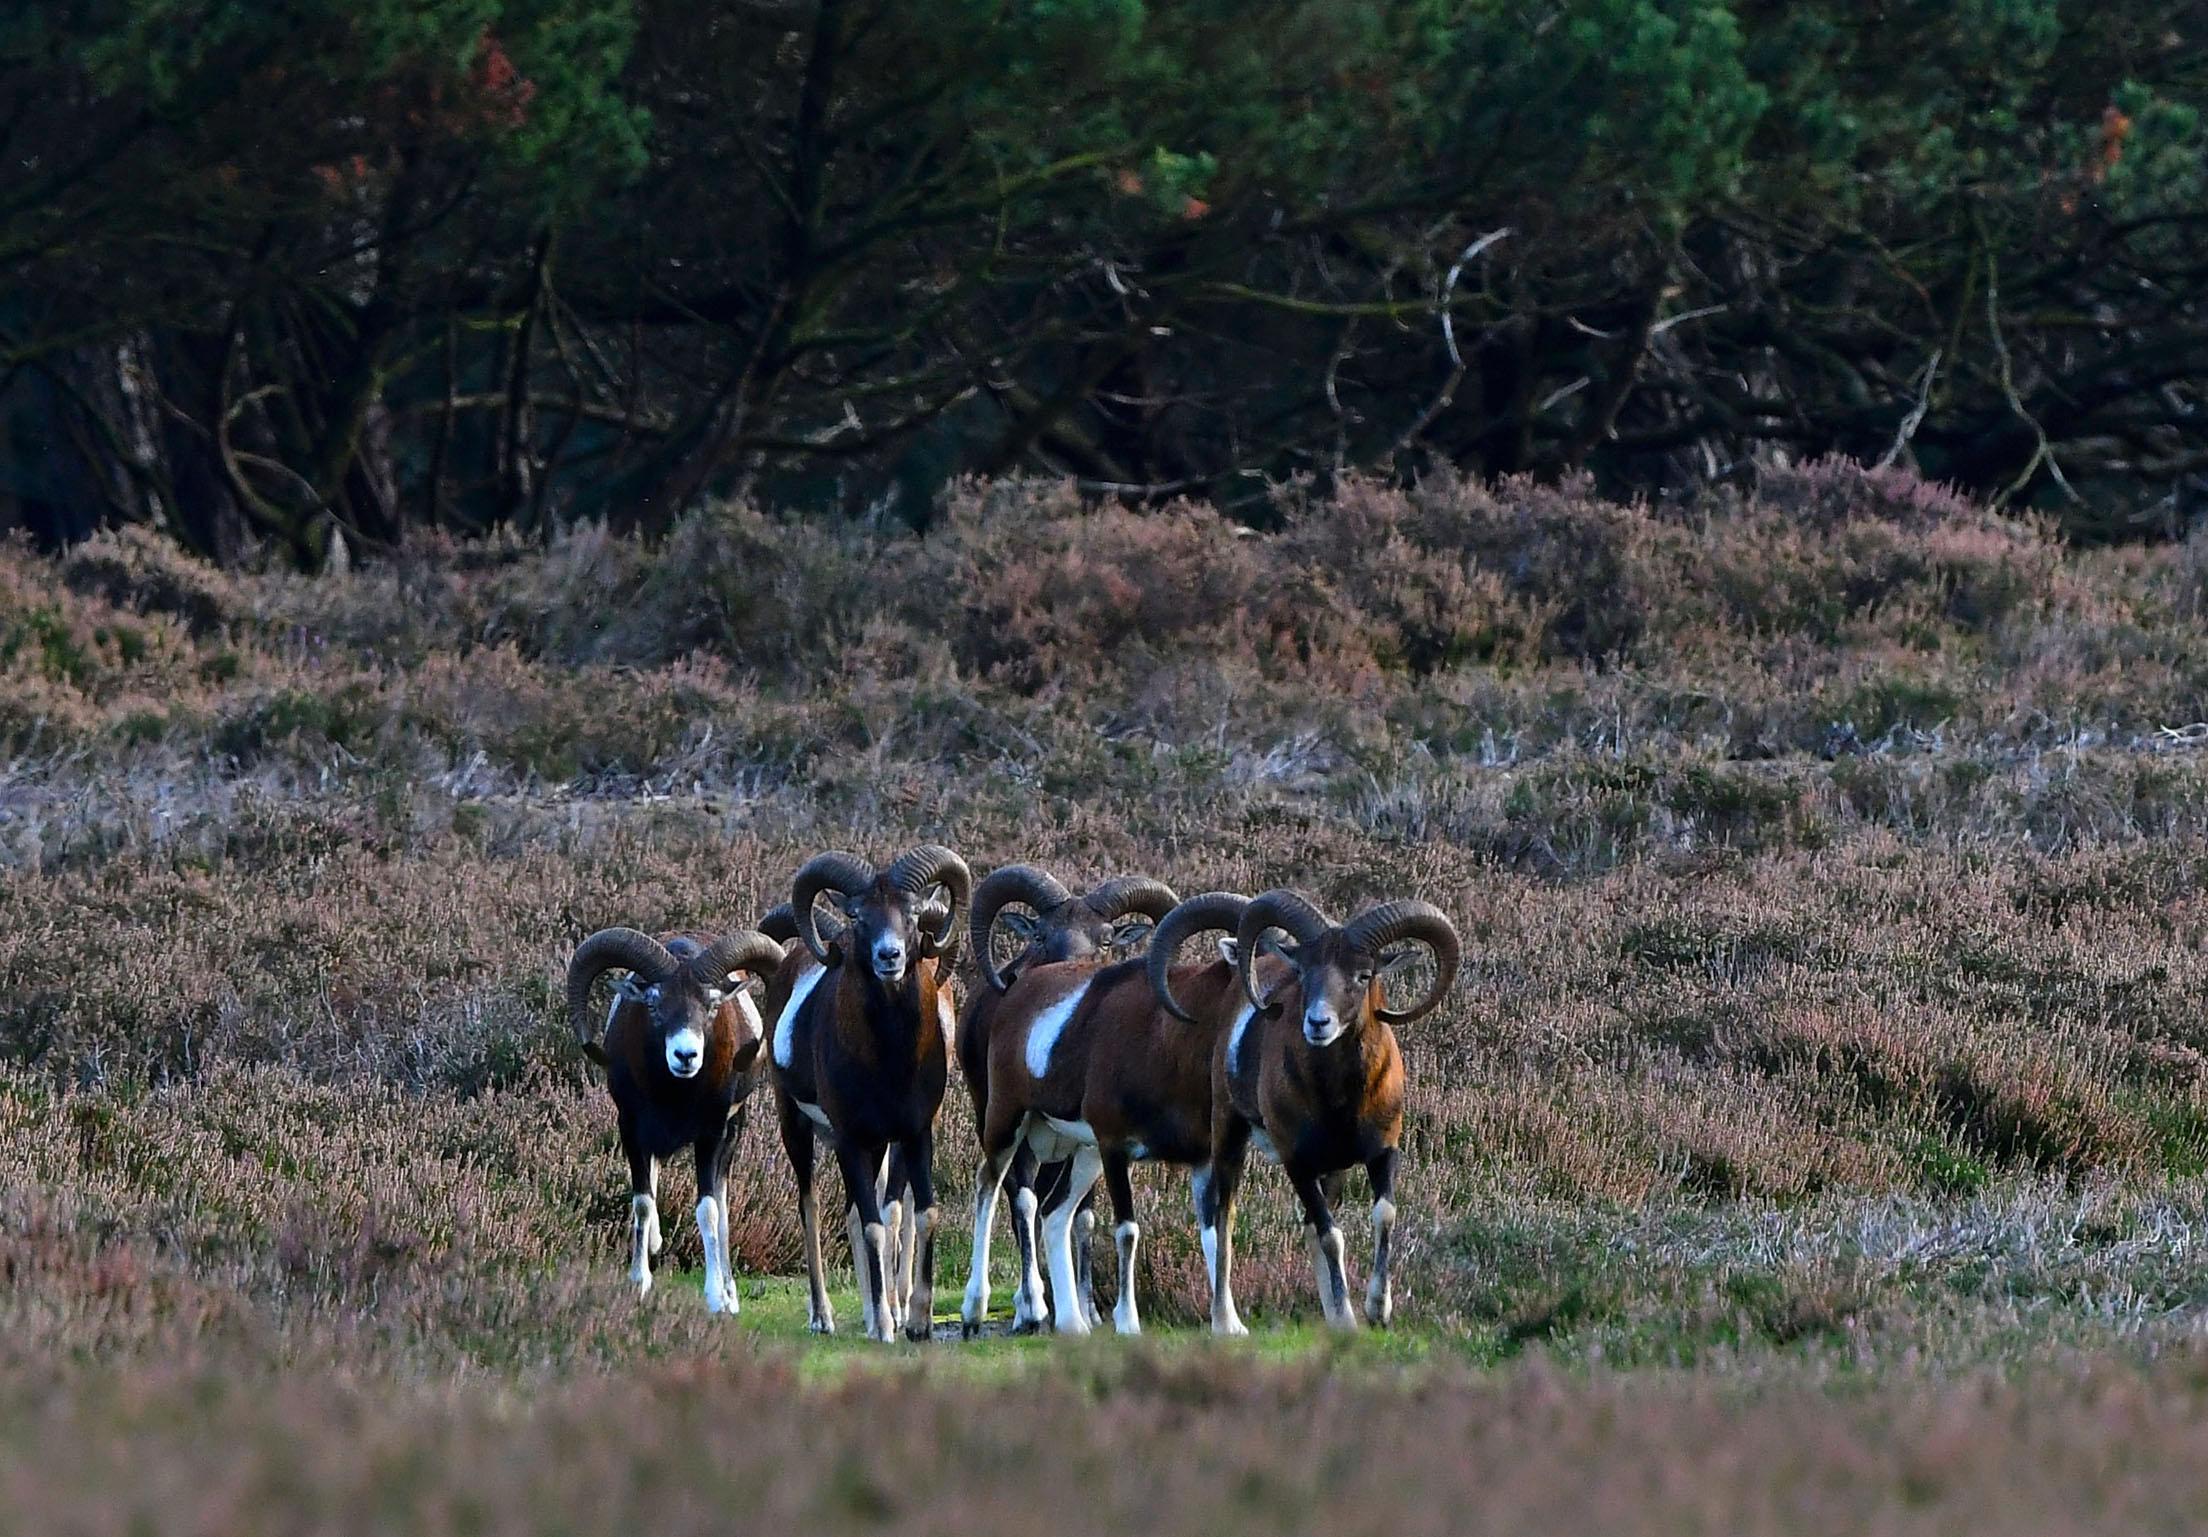 Op een gegeven ogenblik blijven ze staan, zouden ze onraad ruiken? – Foto: ©Louis Fraanje